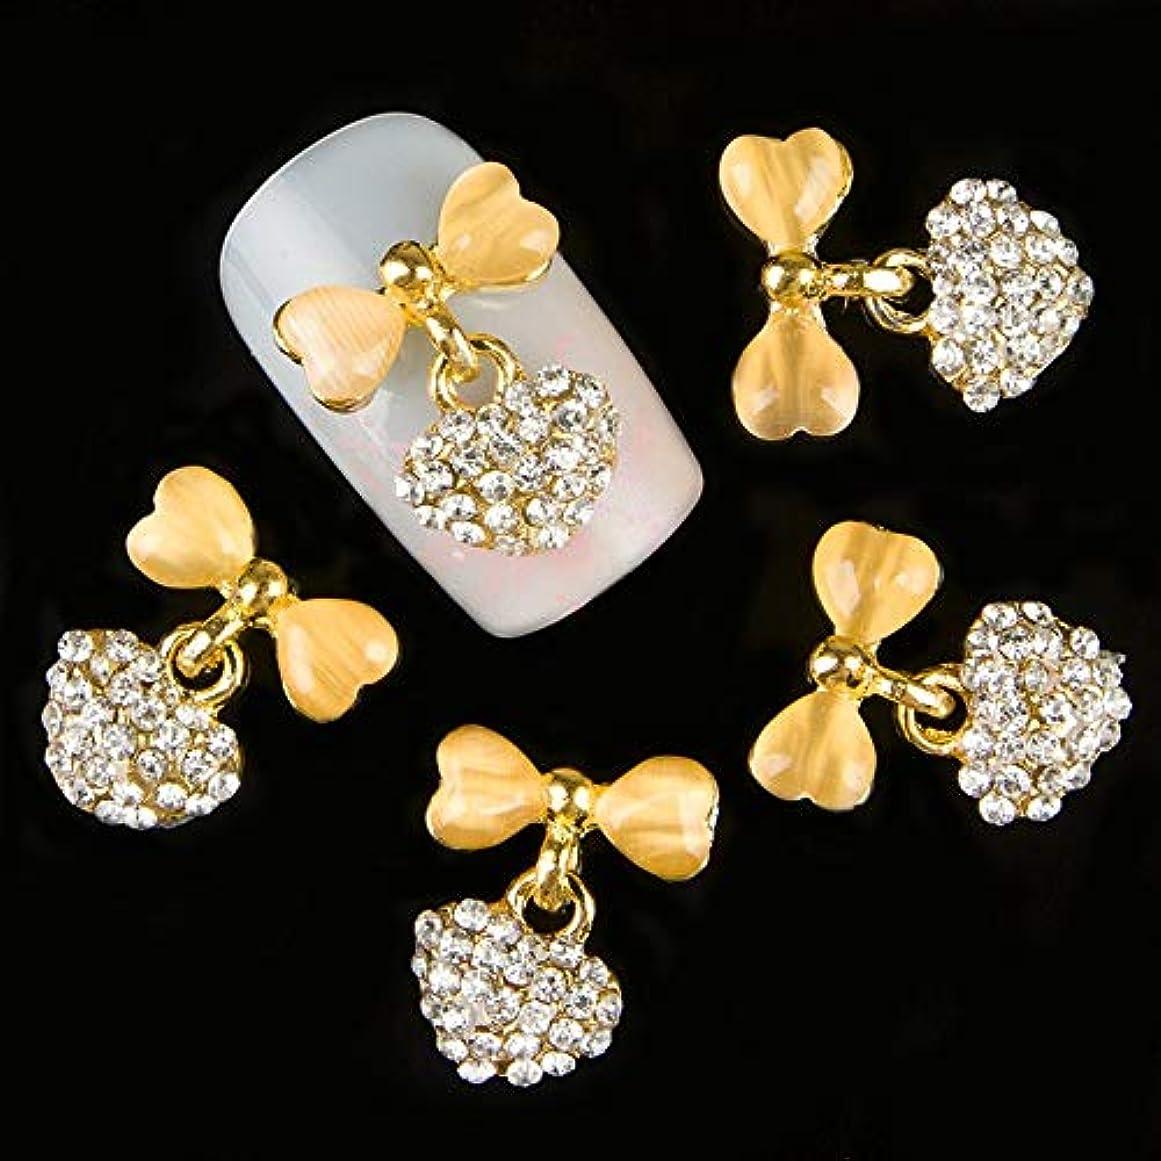 カヌーカードせがむ10個入りの3D金の弓のきらめき宝石装飾ネイルアートのヒントデコレーションネイルスタッズラインストーン